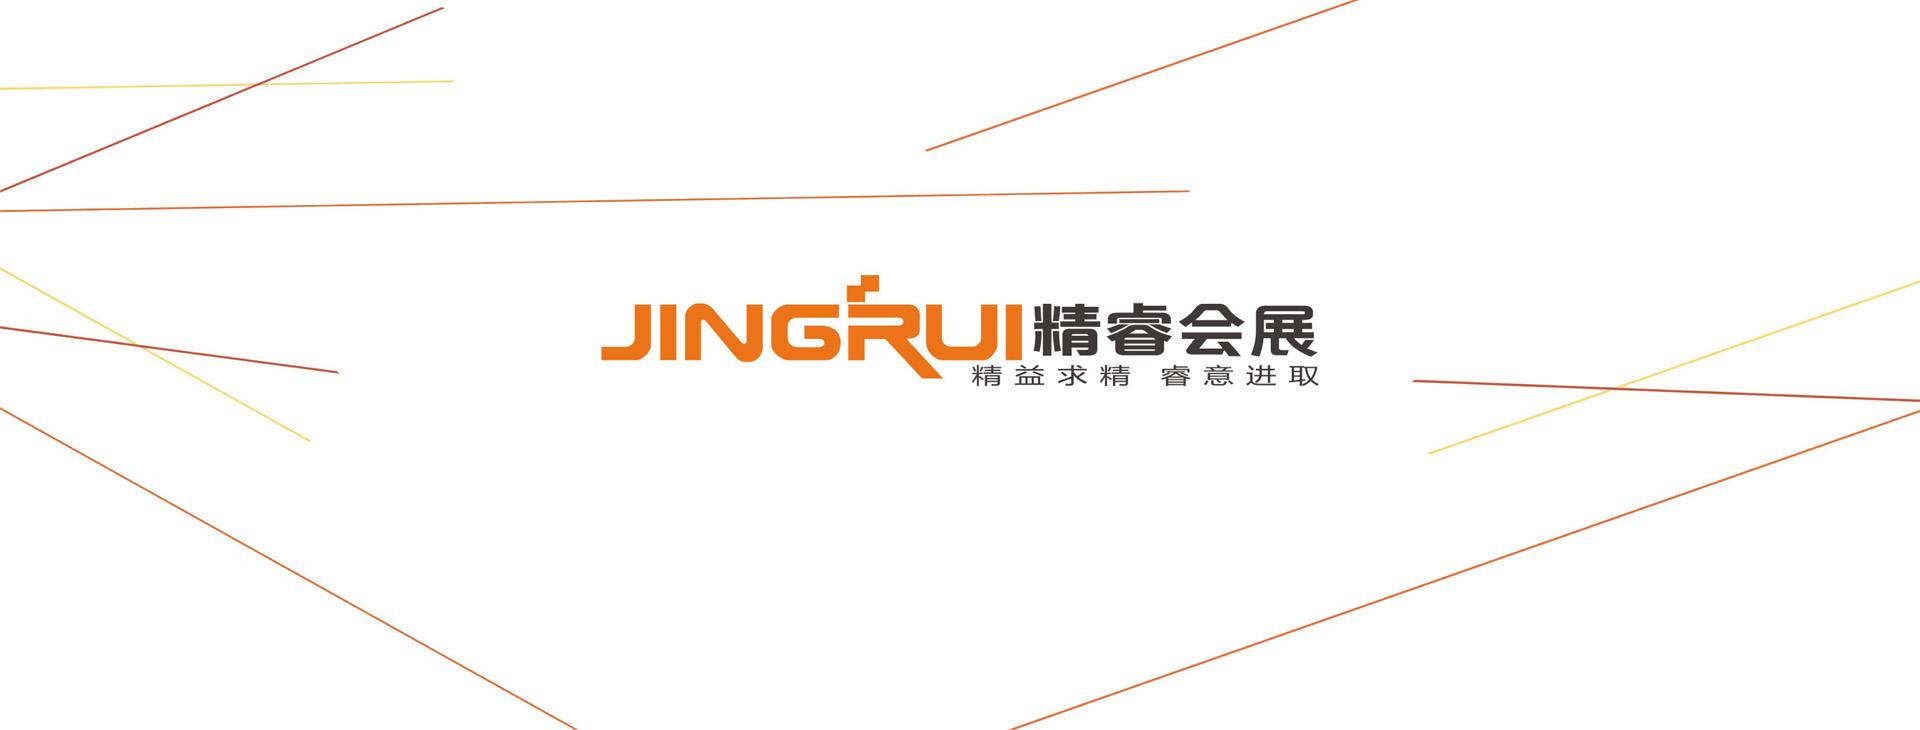 丽江会议会展